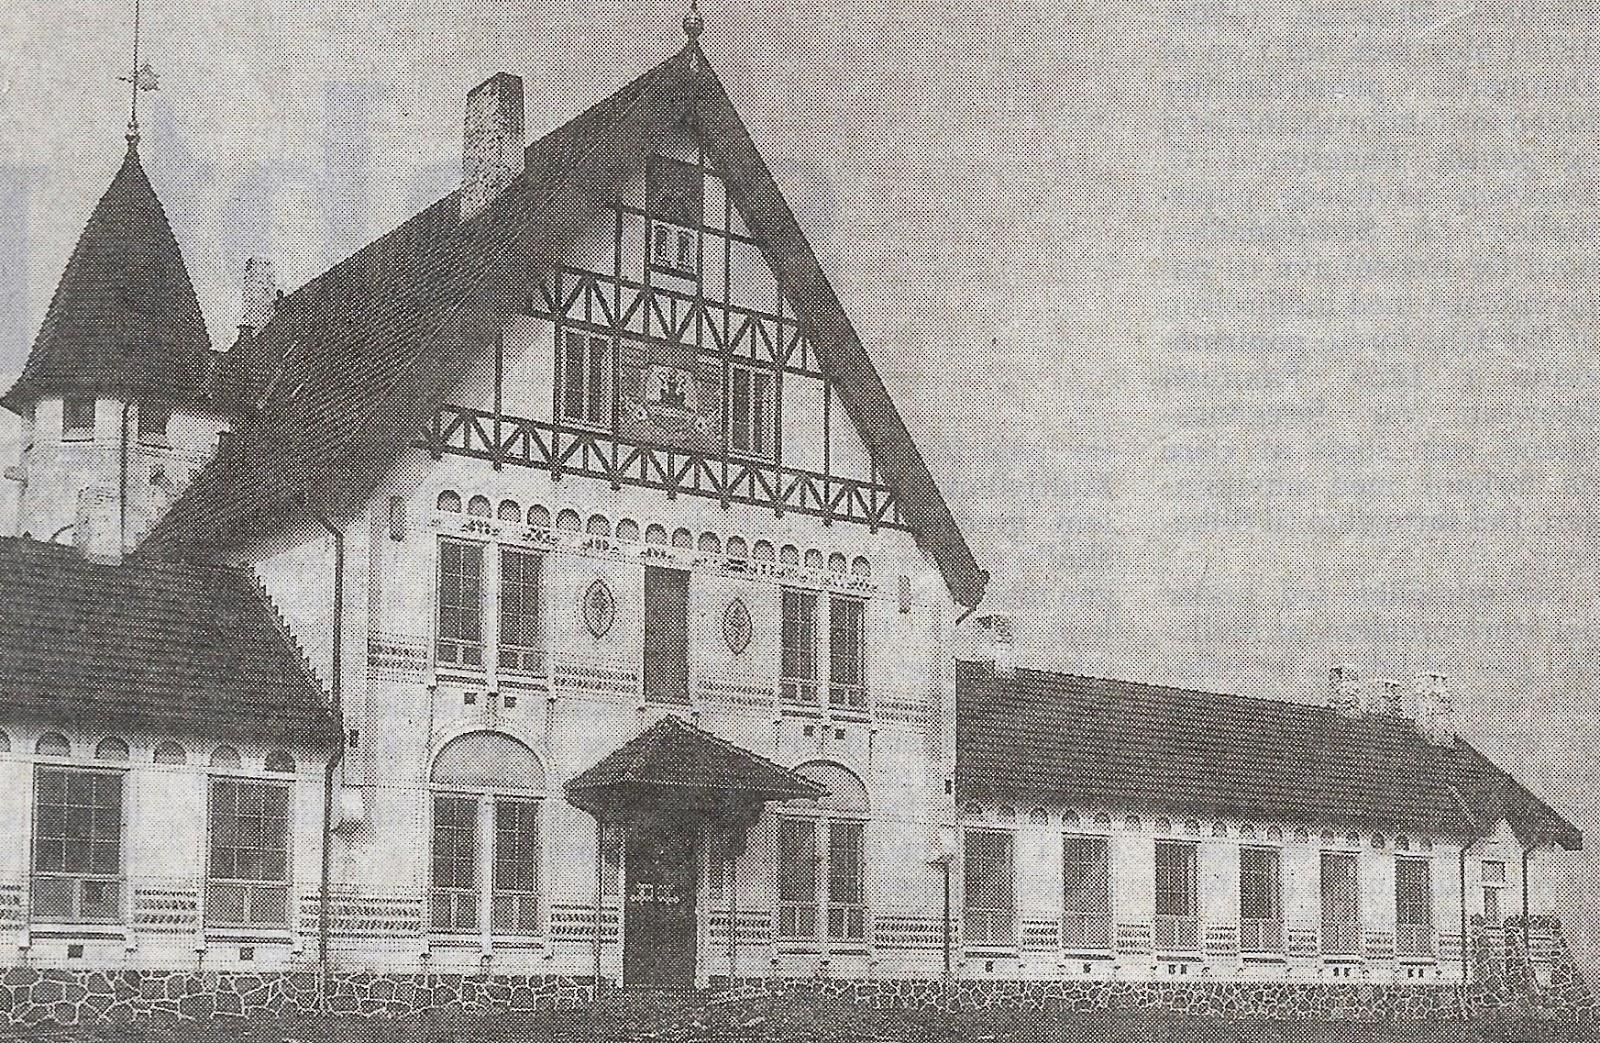 konstruktioner før 1914